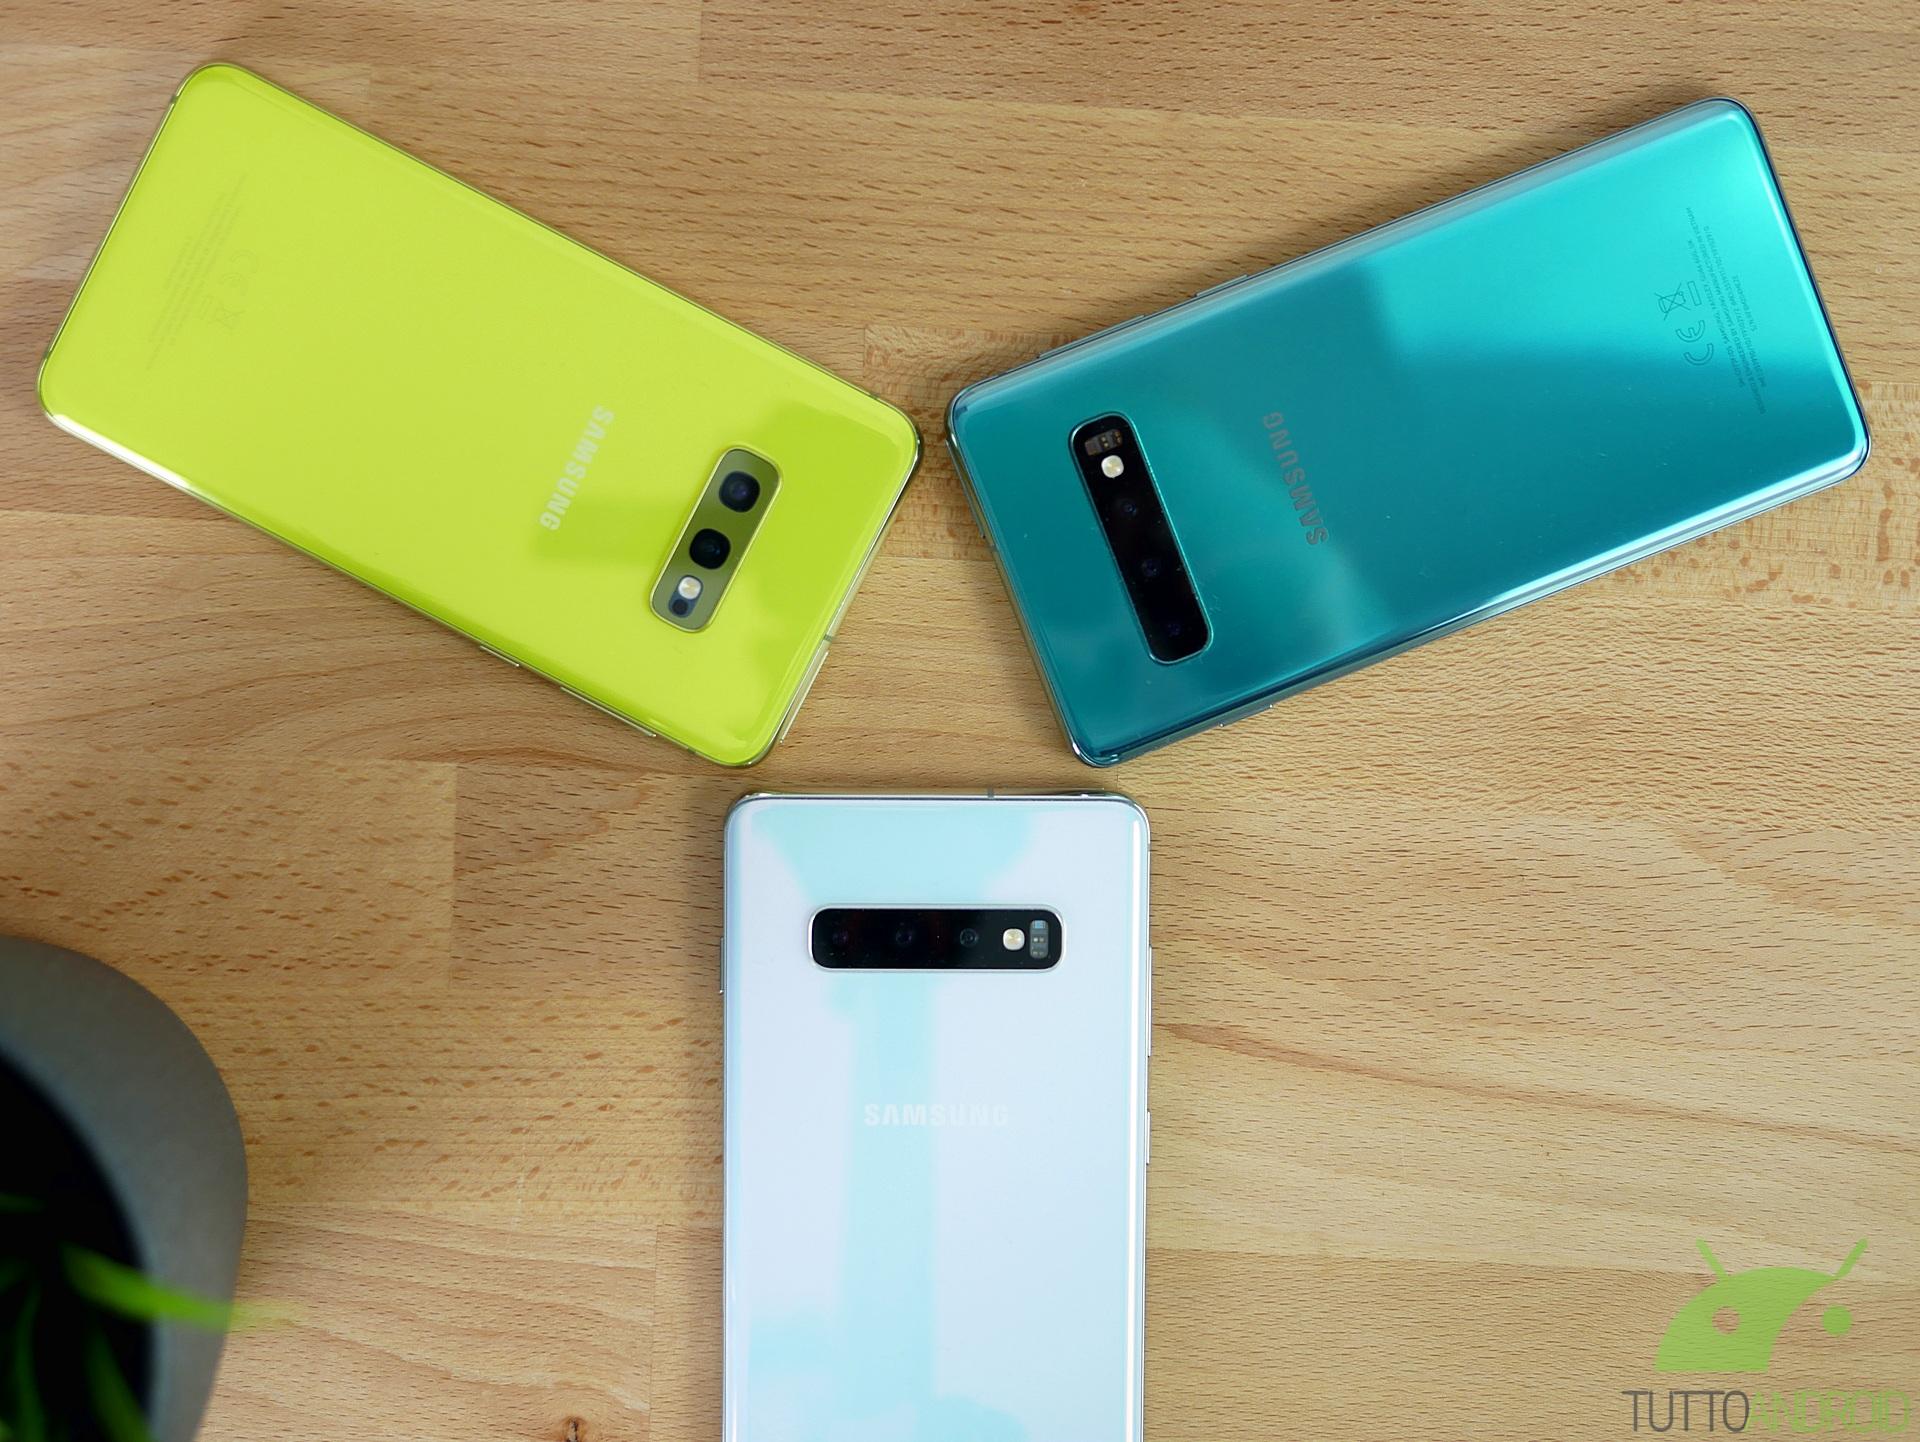 Samsung Galaxy A70 e Galaxy A60 ottengono la certificazione Tenaa